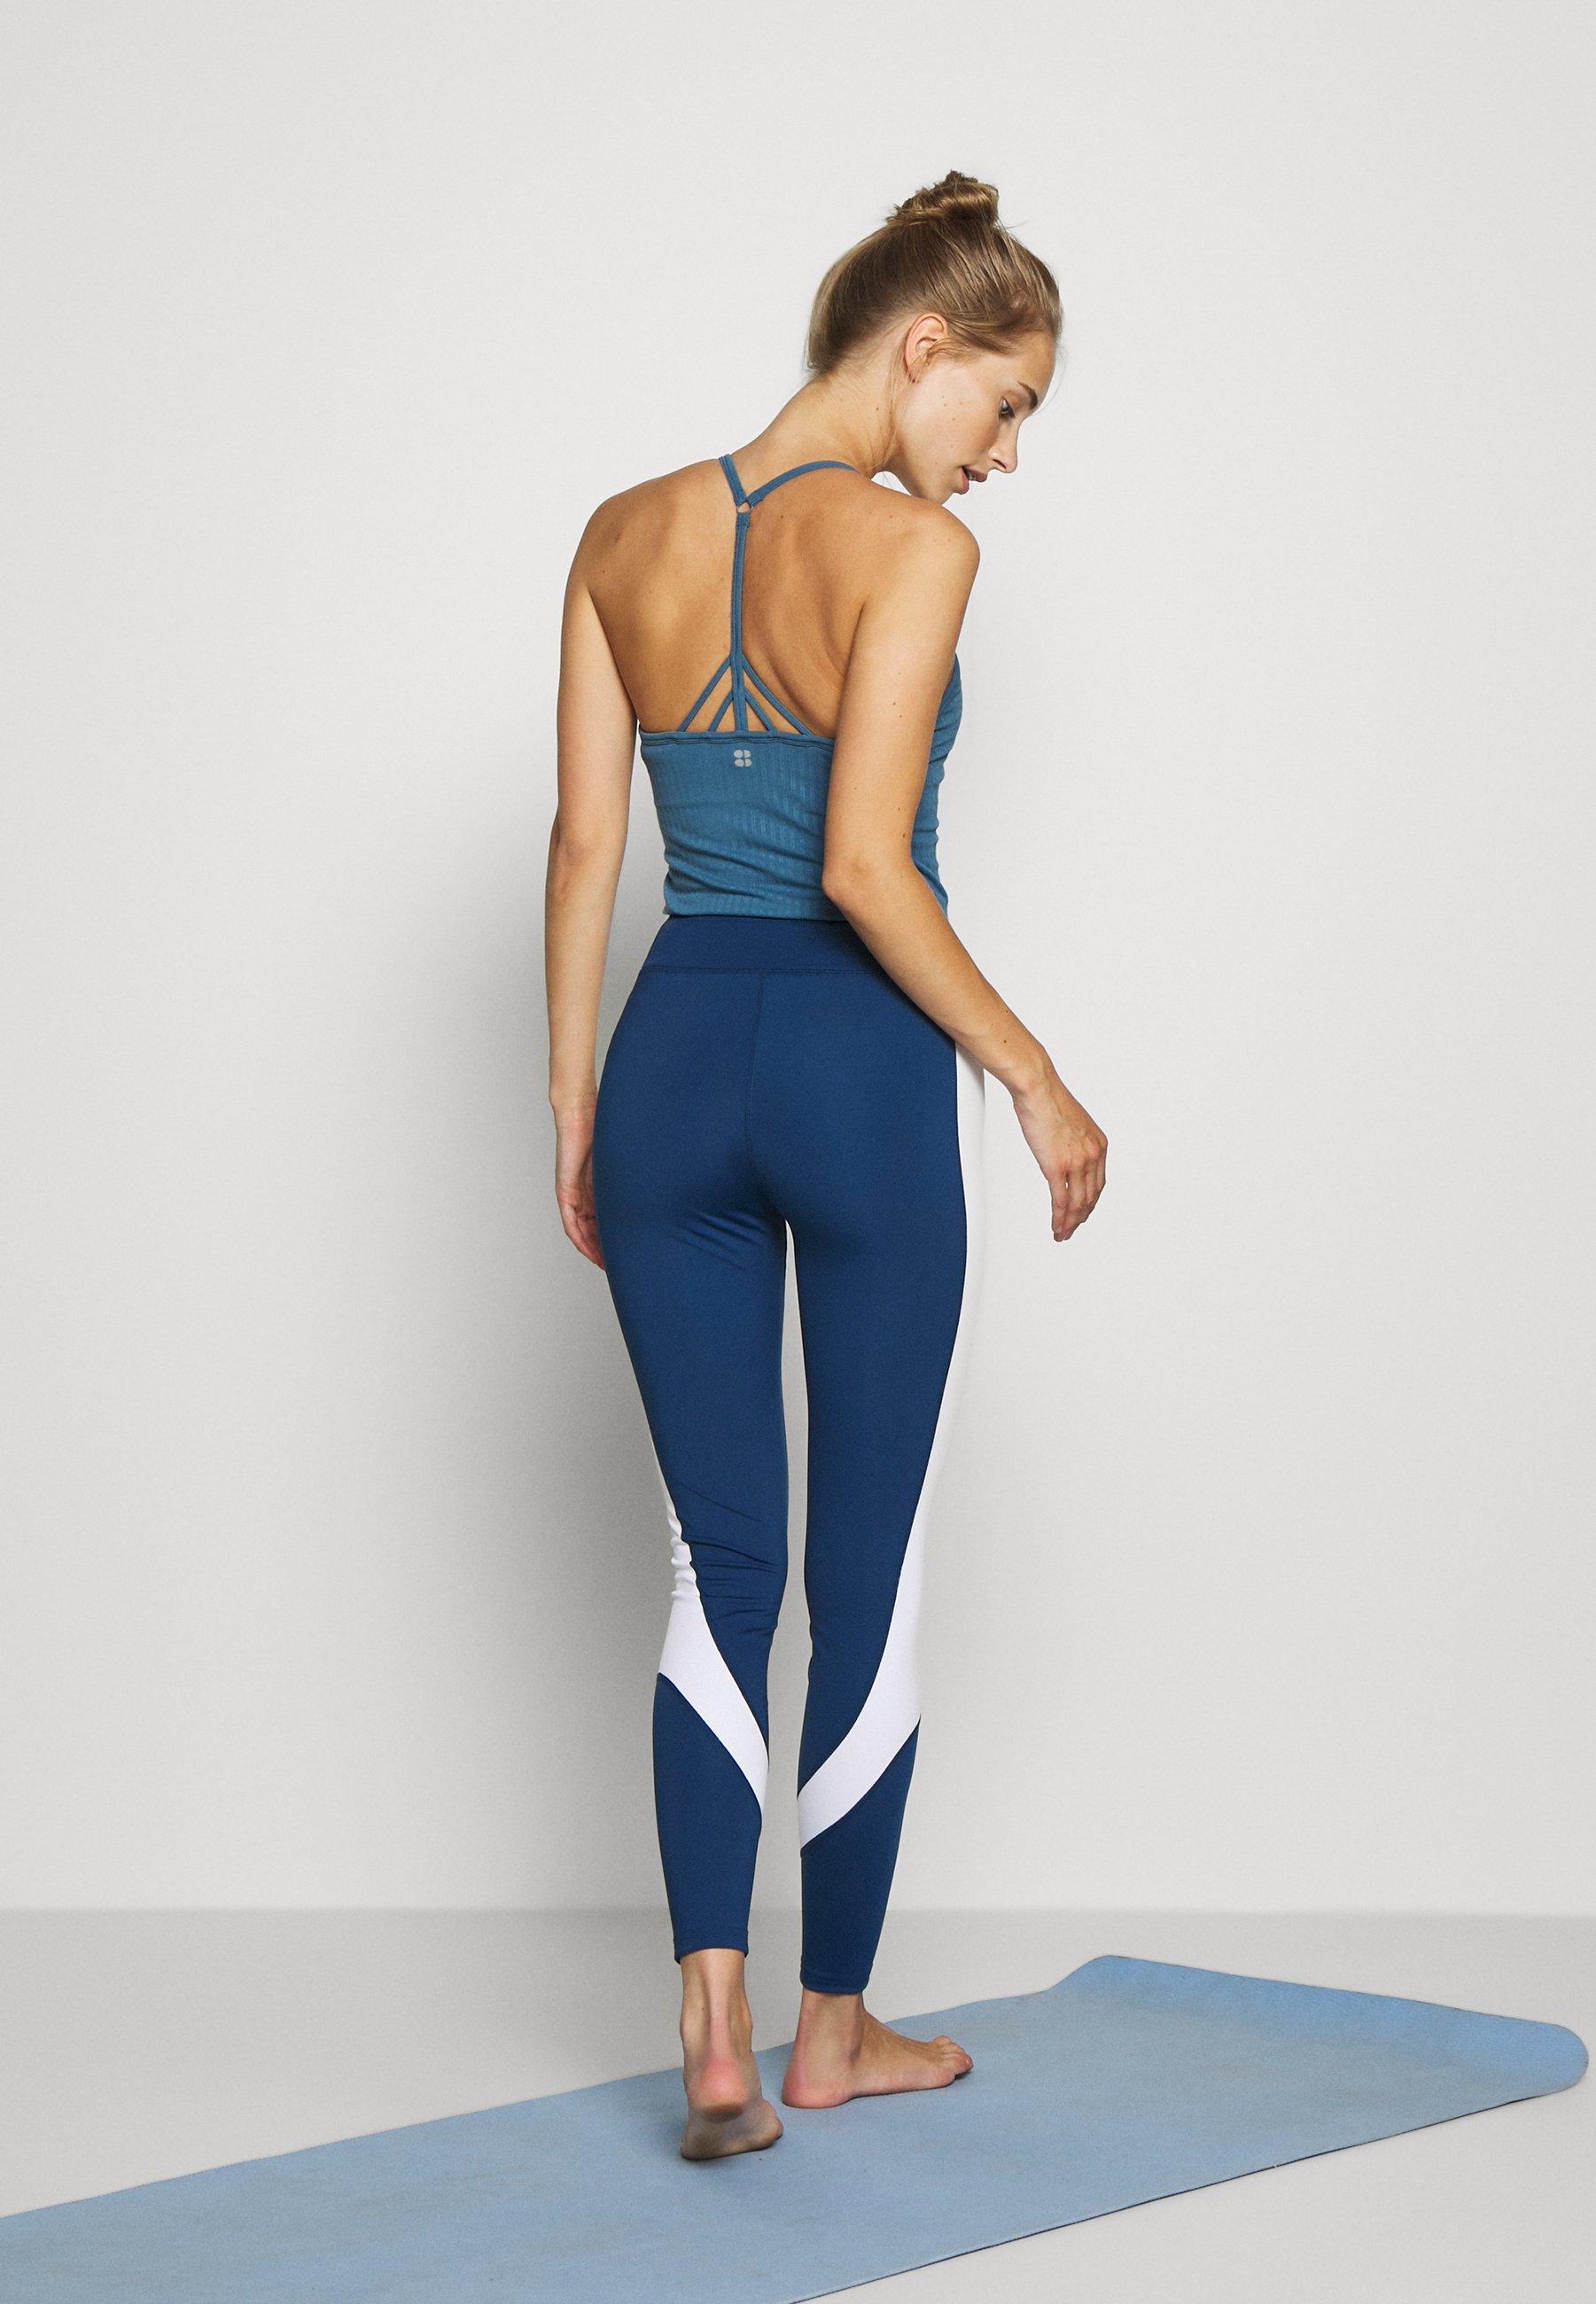 Even&Odd active Leggings - white/dark blue KGzwZ